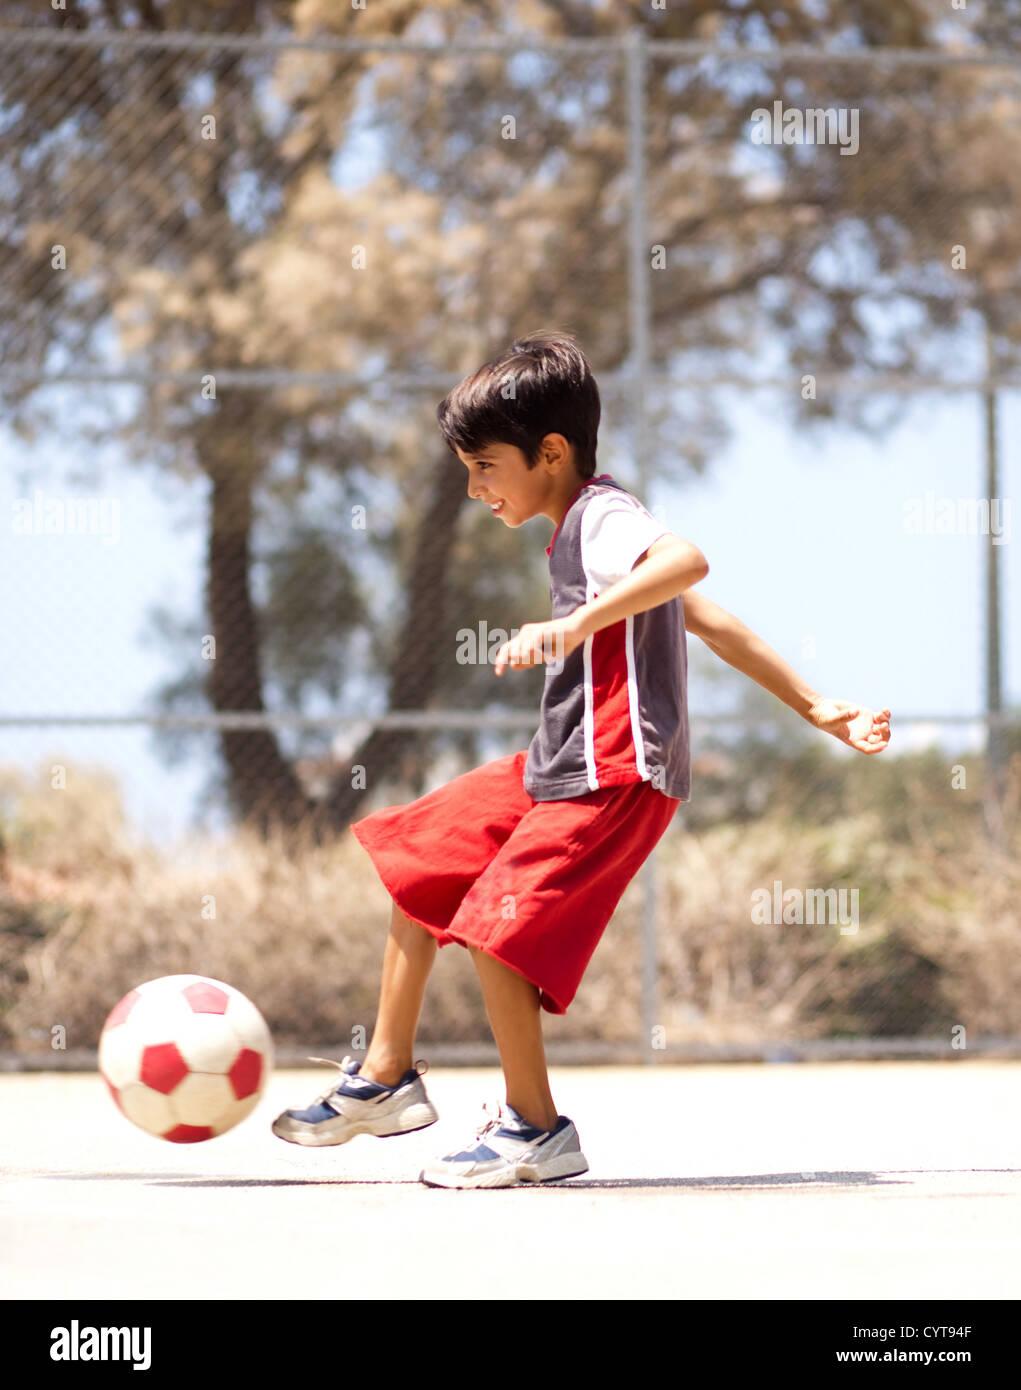 Chico en acción disfrutando de fútbol al aire libre Imagen De Stock